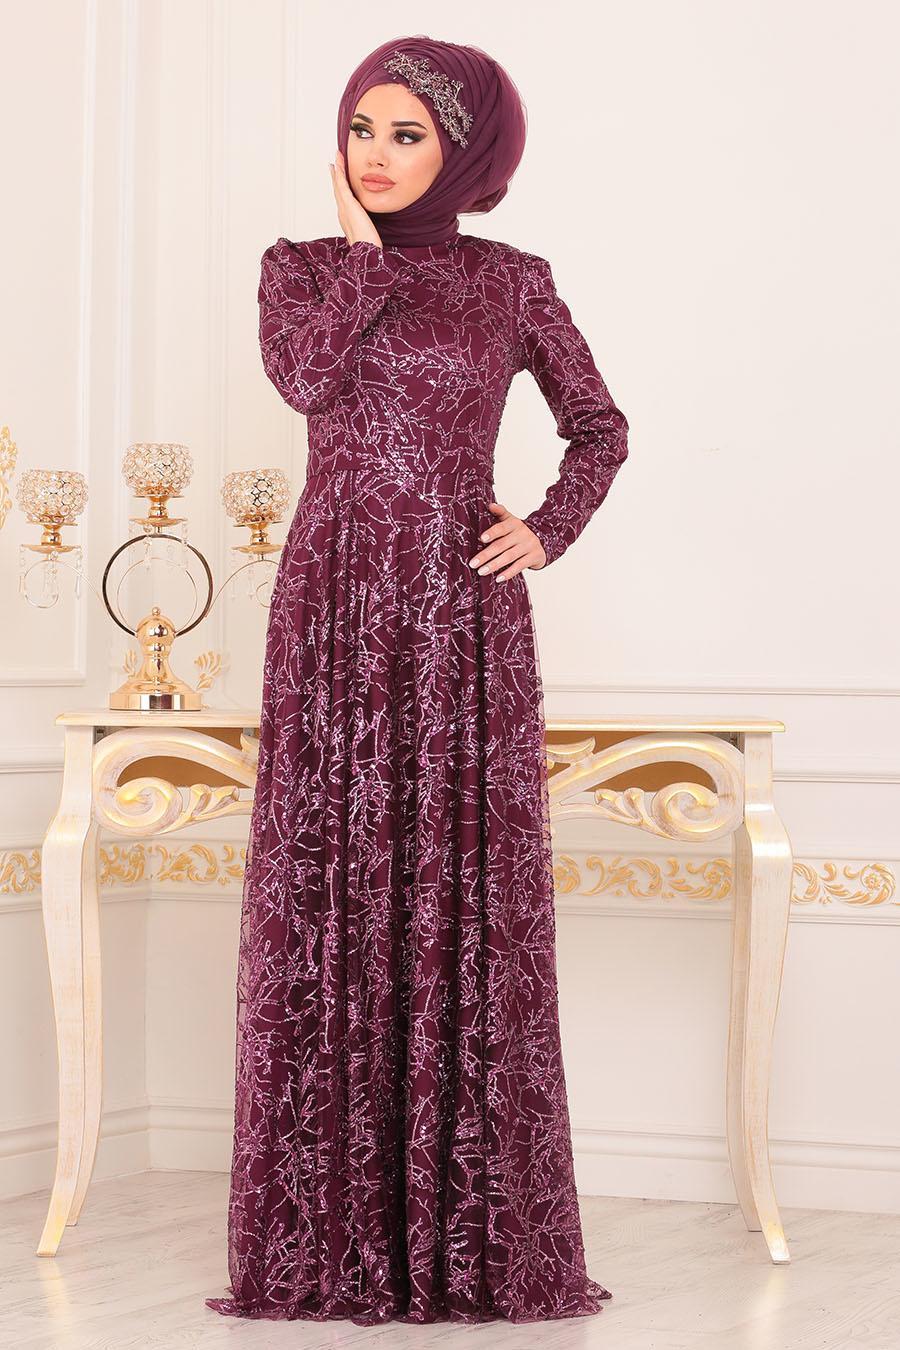 Tesettürlü Abiye Elbise - Desenli Pul Payetli Fuşya Tesettürlü Abiye Elbise 196705F